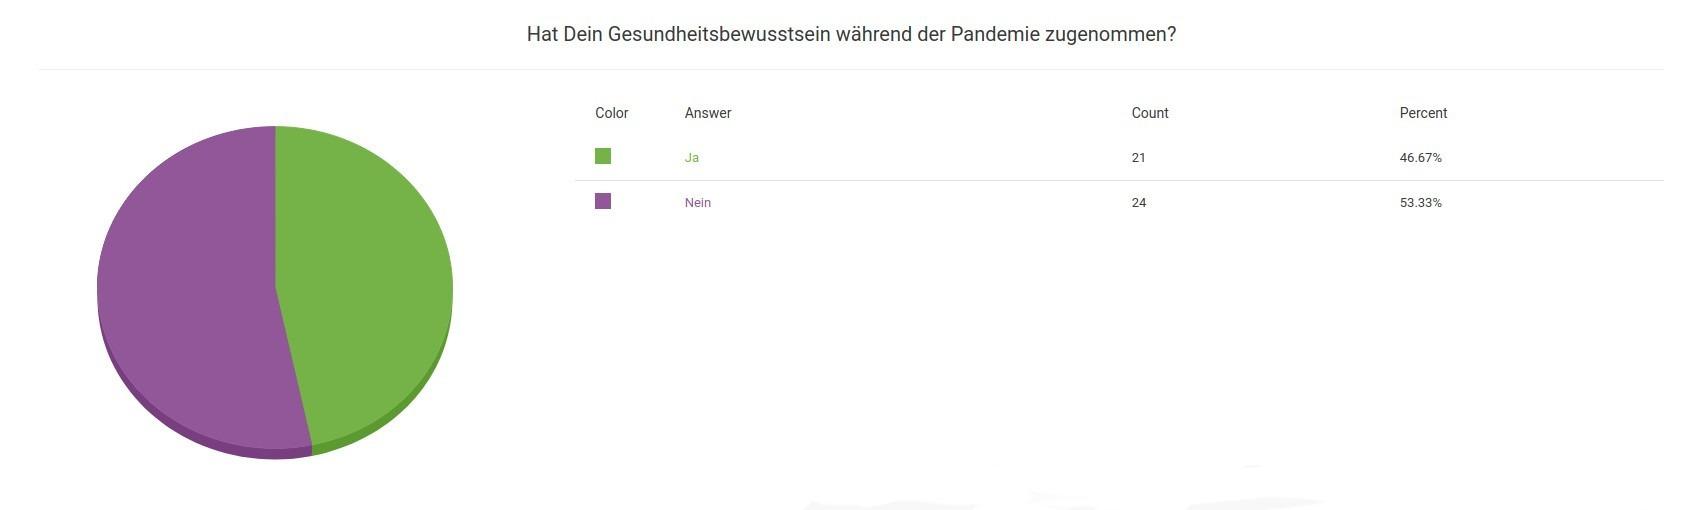 Umfrage Ergebnis Hat sich dein Gesundheitsbewusstsein während der Corona Pandeme verändert